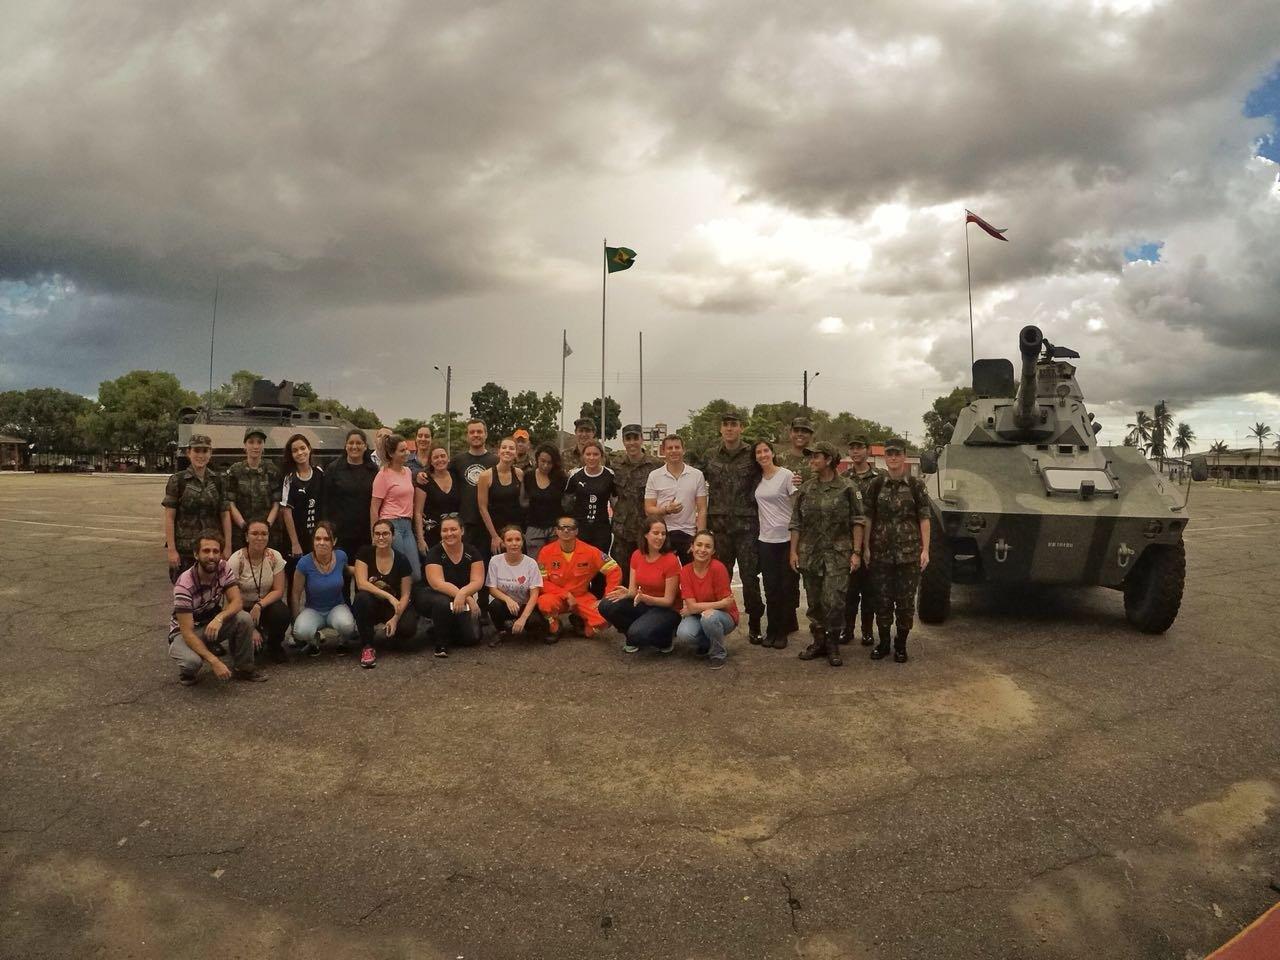 Parceria entre as Forças Armadas e o Instituto Dharma no atendimento aos refugiados venezuelanos que chegam ao Brasil